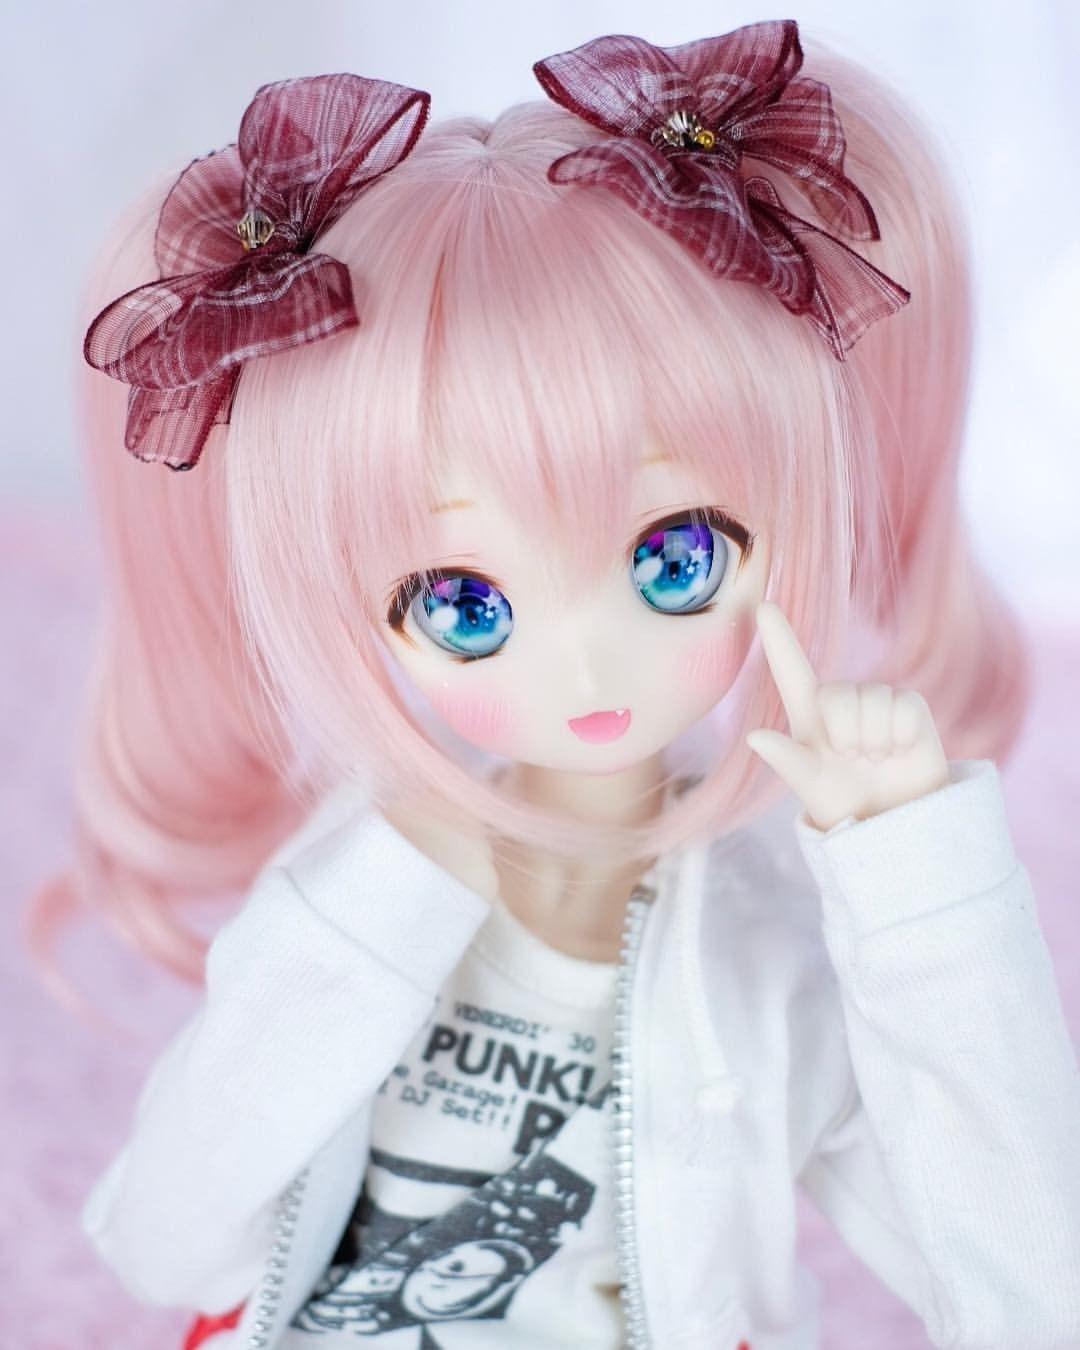 Kawaii anime doll from instagram dollfie dream ddh dd